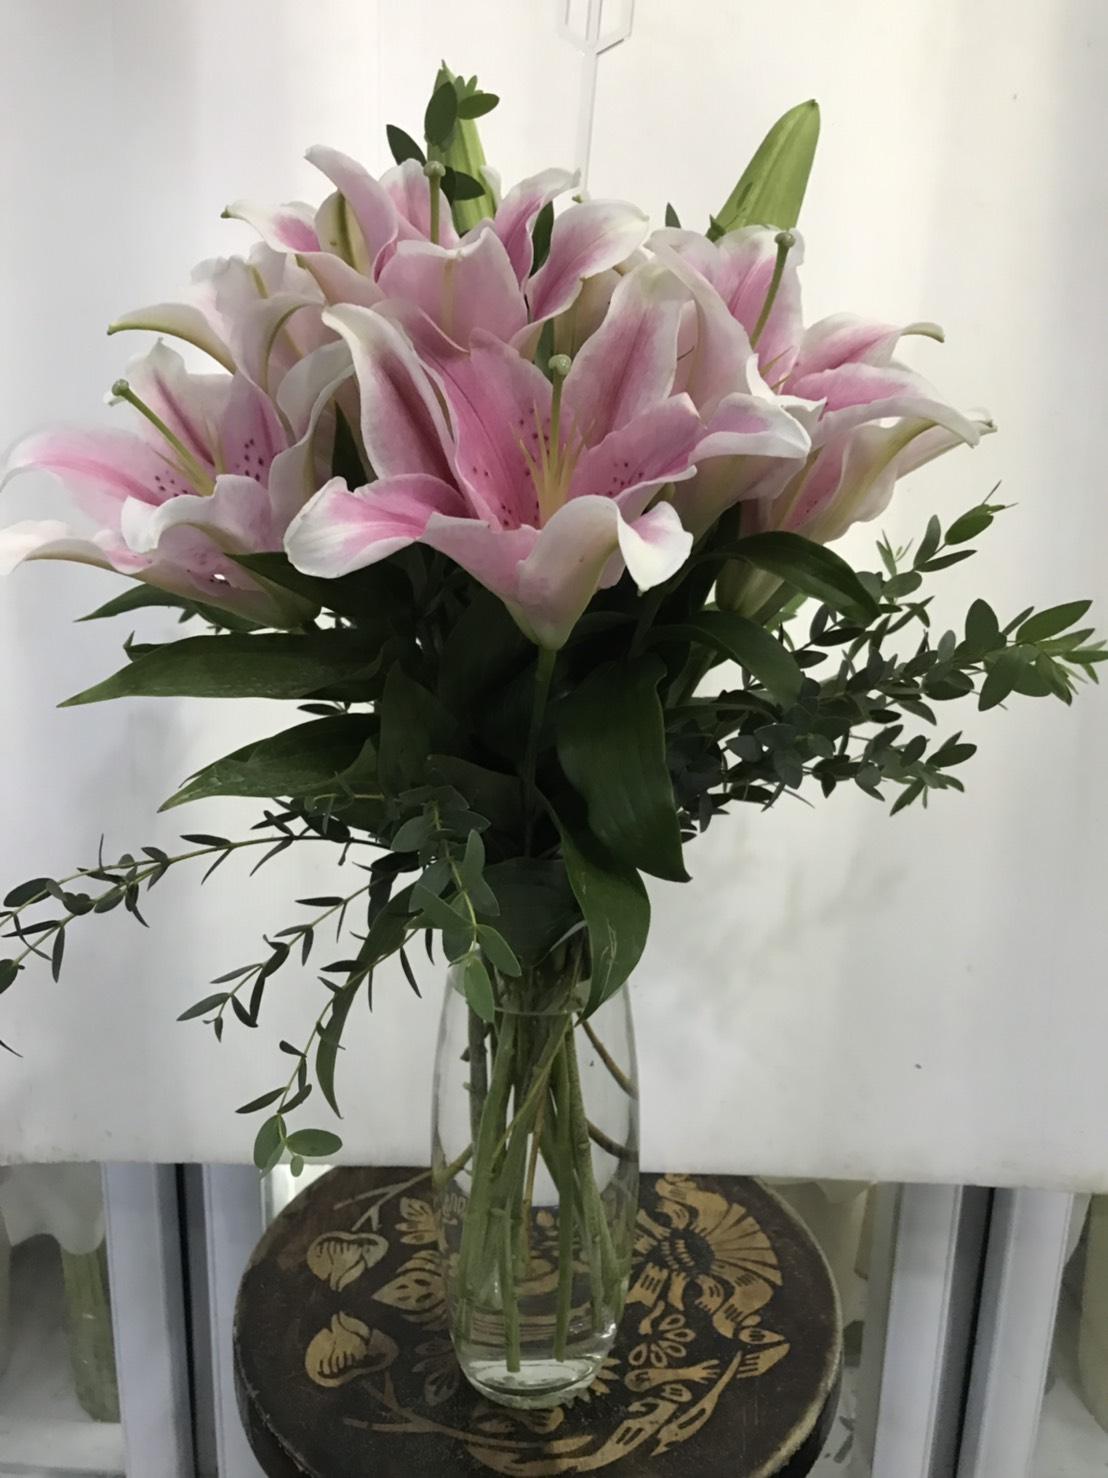 แจกันดอกไม้สวย ๆ คัดดอกลิลลี่ชั้นดีมาจัดใส่ เพิ่มความสดใสได้ดีเยี่ยมค่ะ